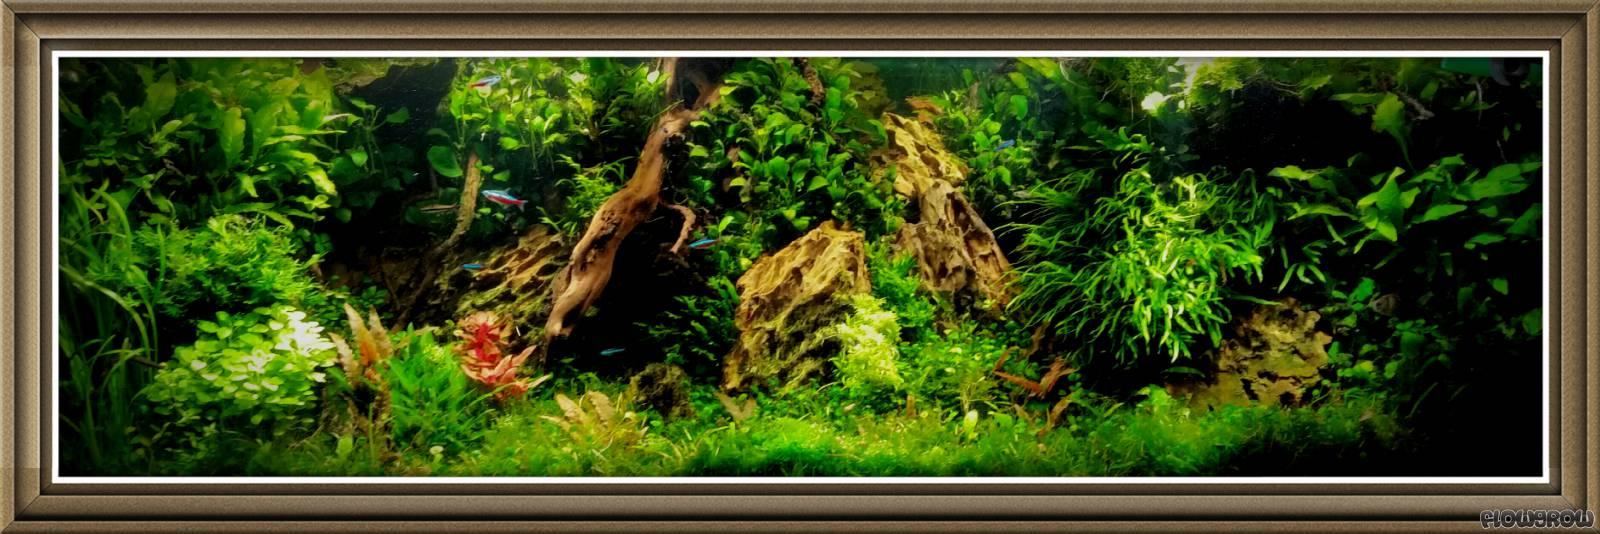 Tobi 180 S Flussufer Panorama Flowgrow Aquascape Aquarium